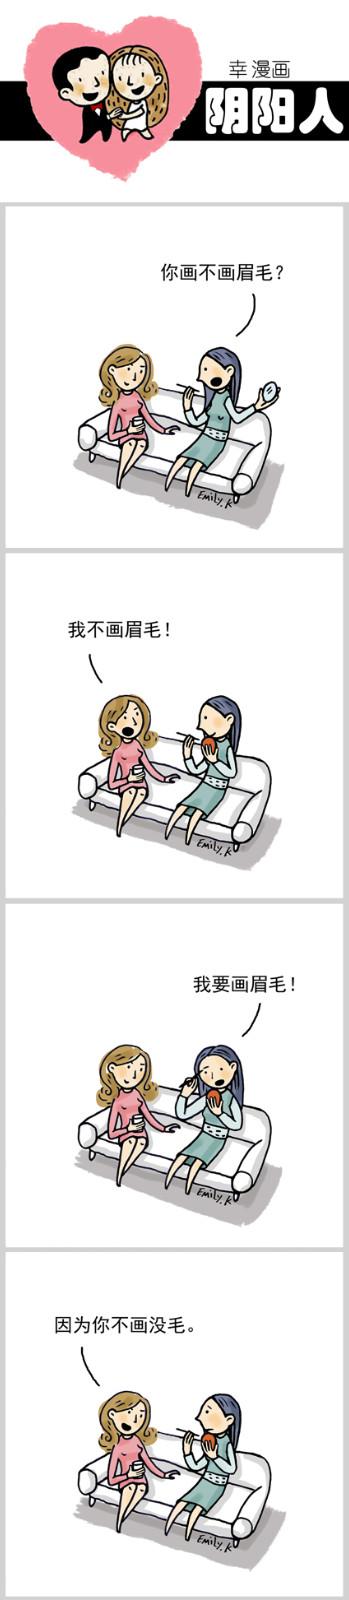 【邝幸漫畫】《阴阳人》闺蜜的眉毛_图1-1